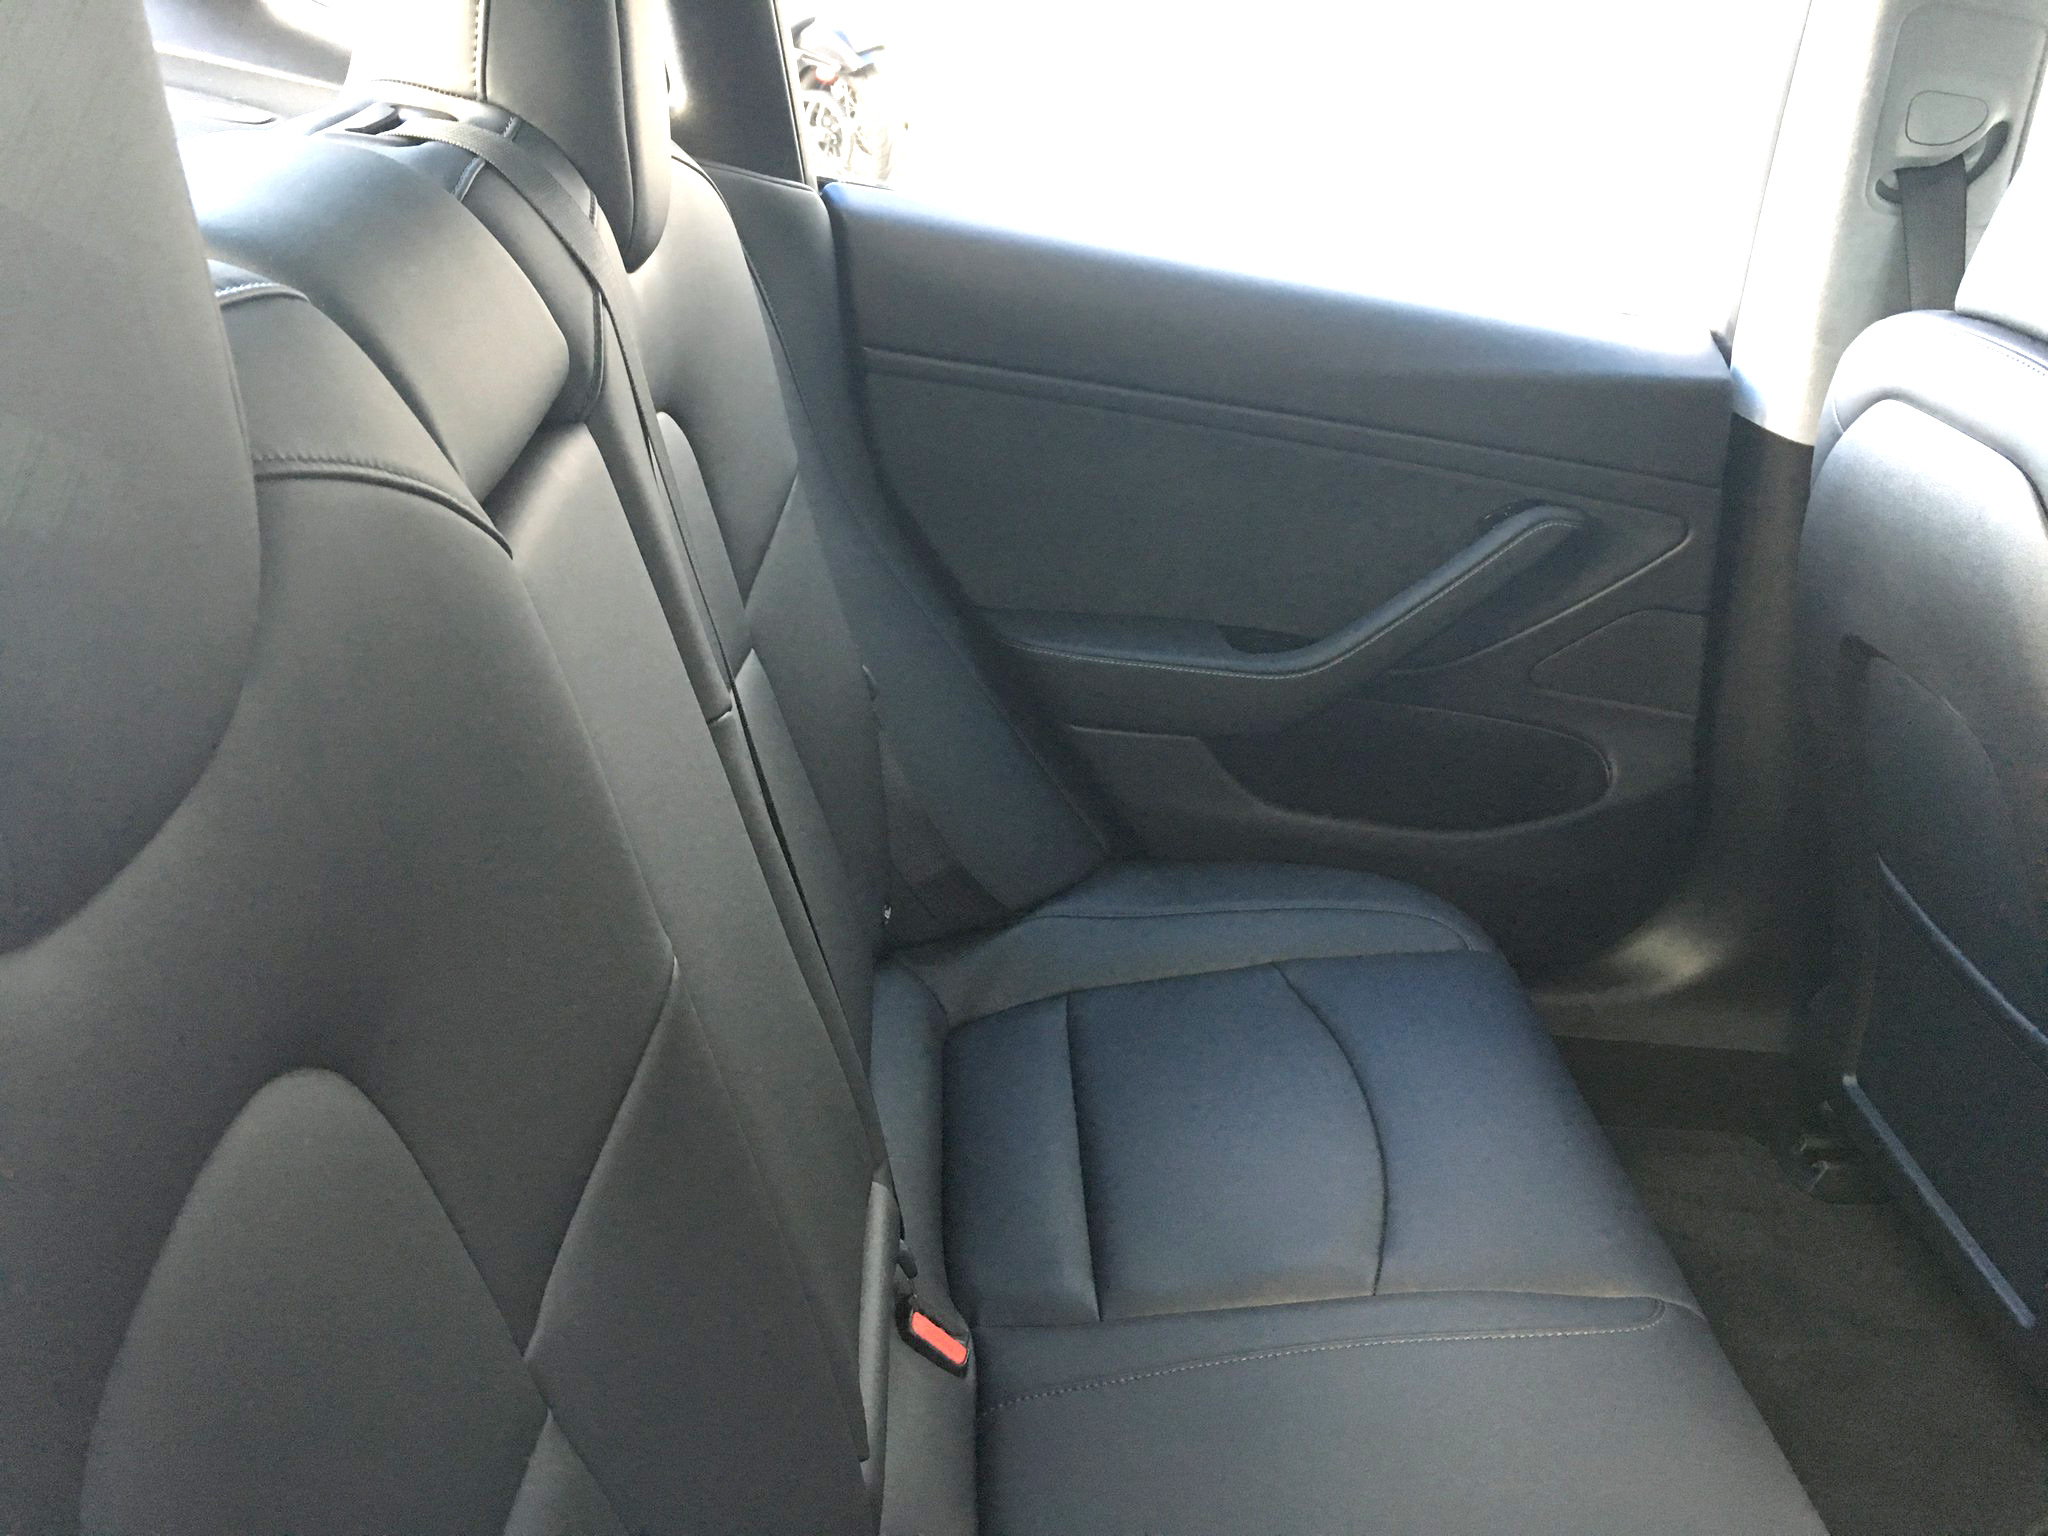 Tesla Model 3 Rear Seats Clear Picture